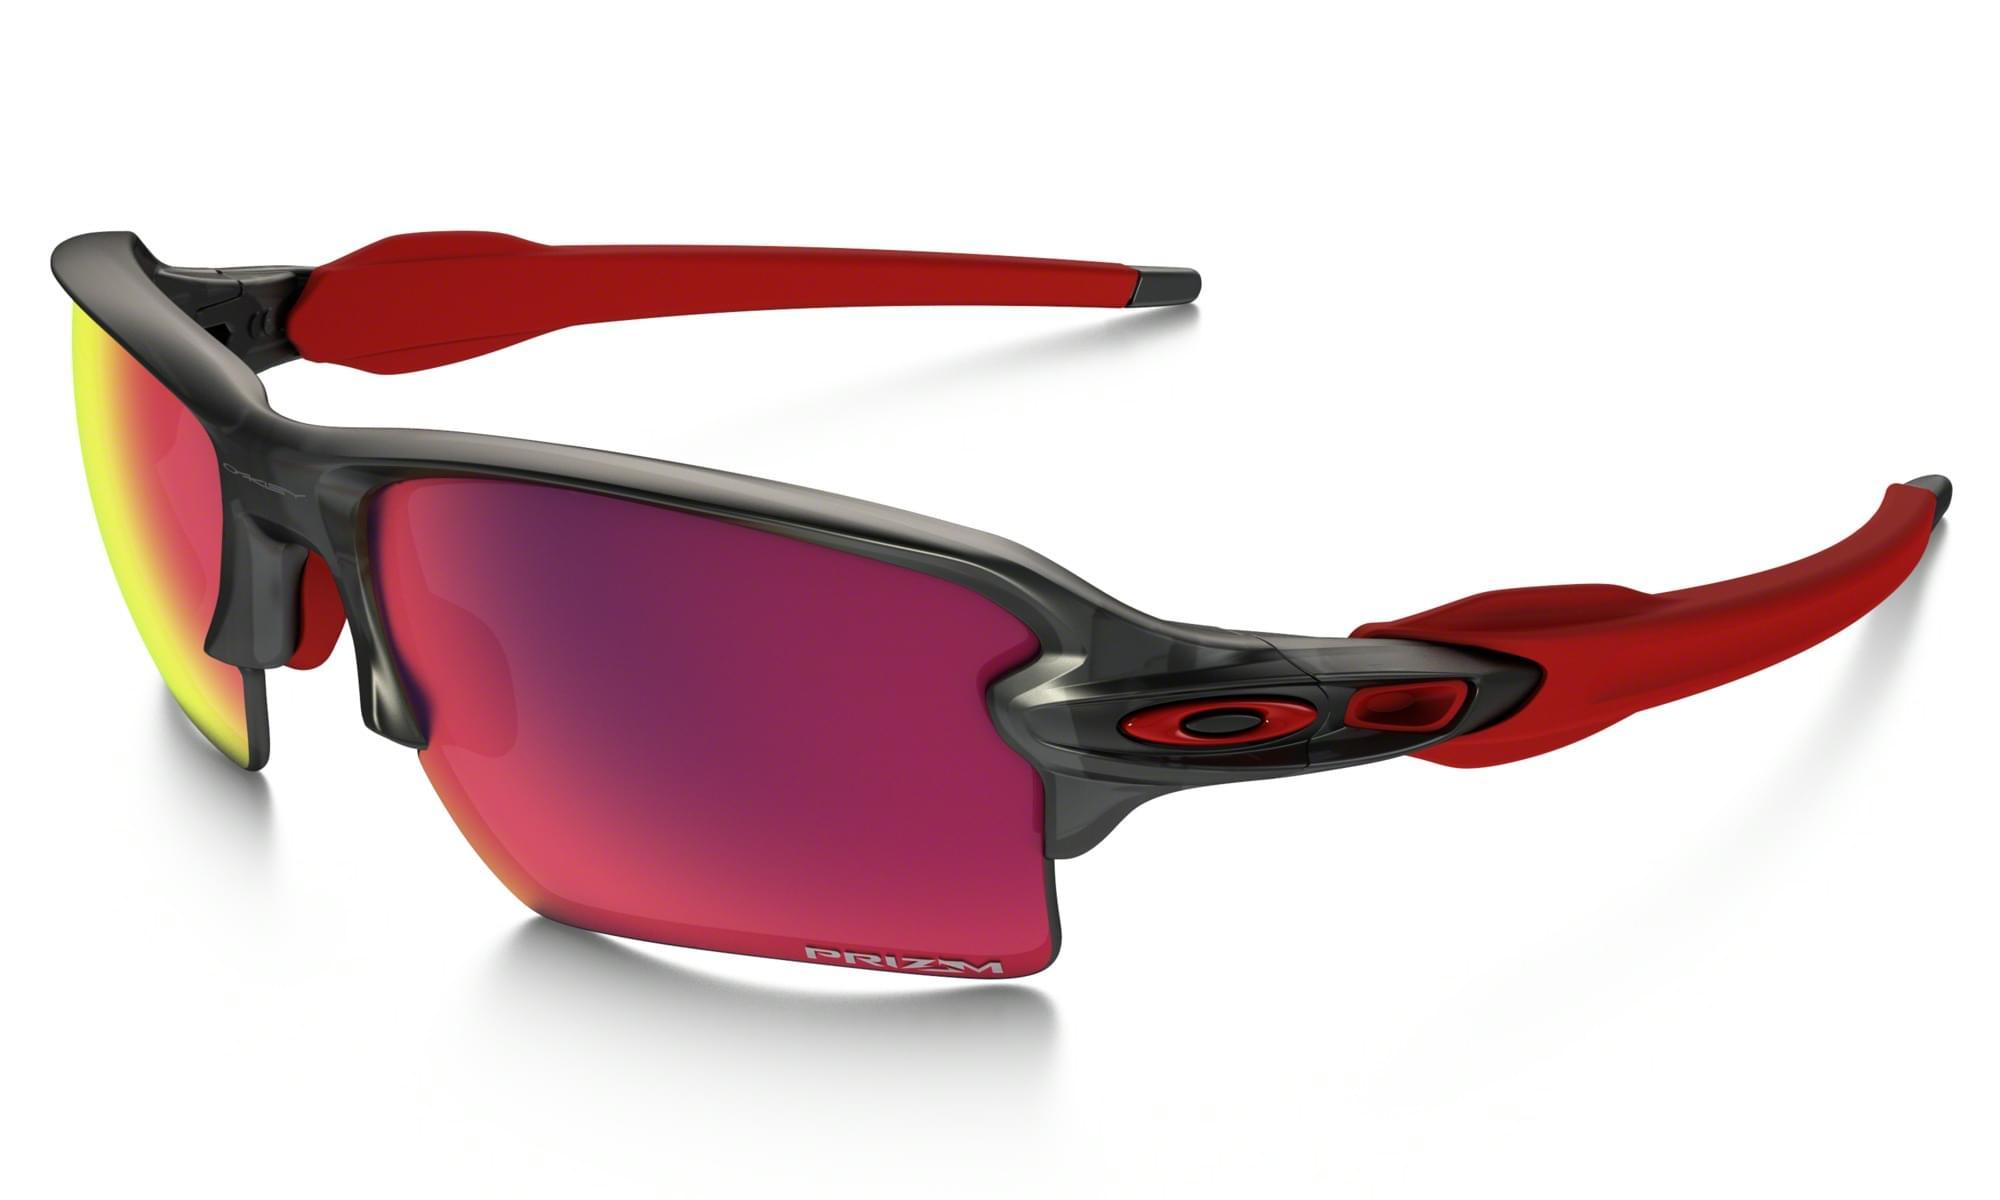 Sluneční brýle Oakley Flak 2.0 XL – Mat Grey/Prizm road uni